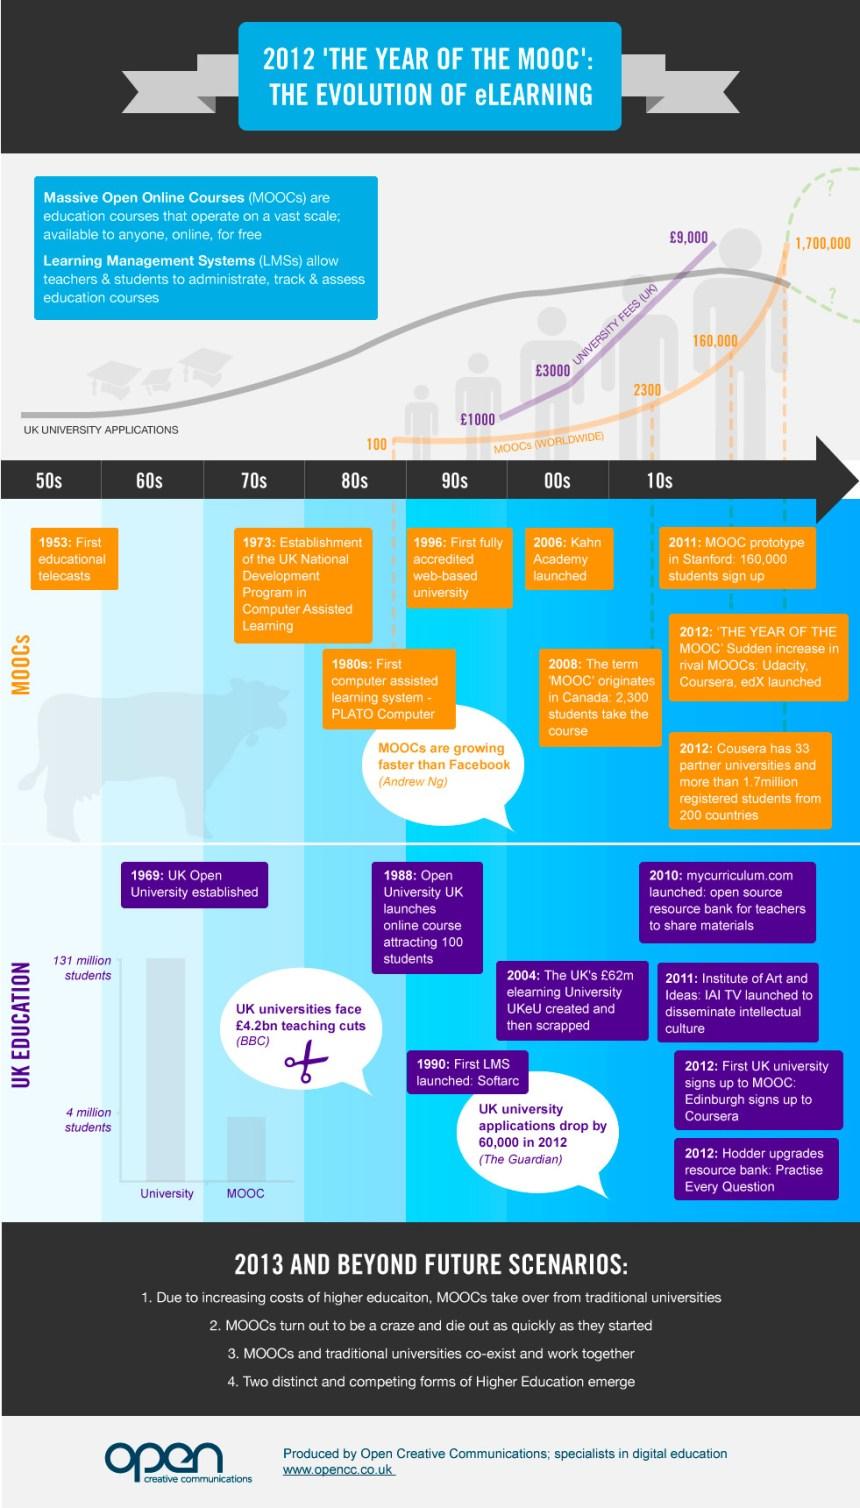 La evolución del e-learning